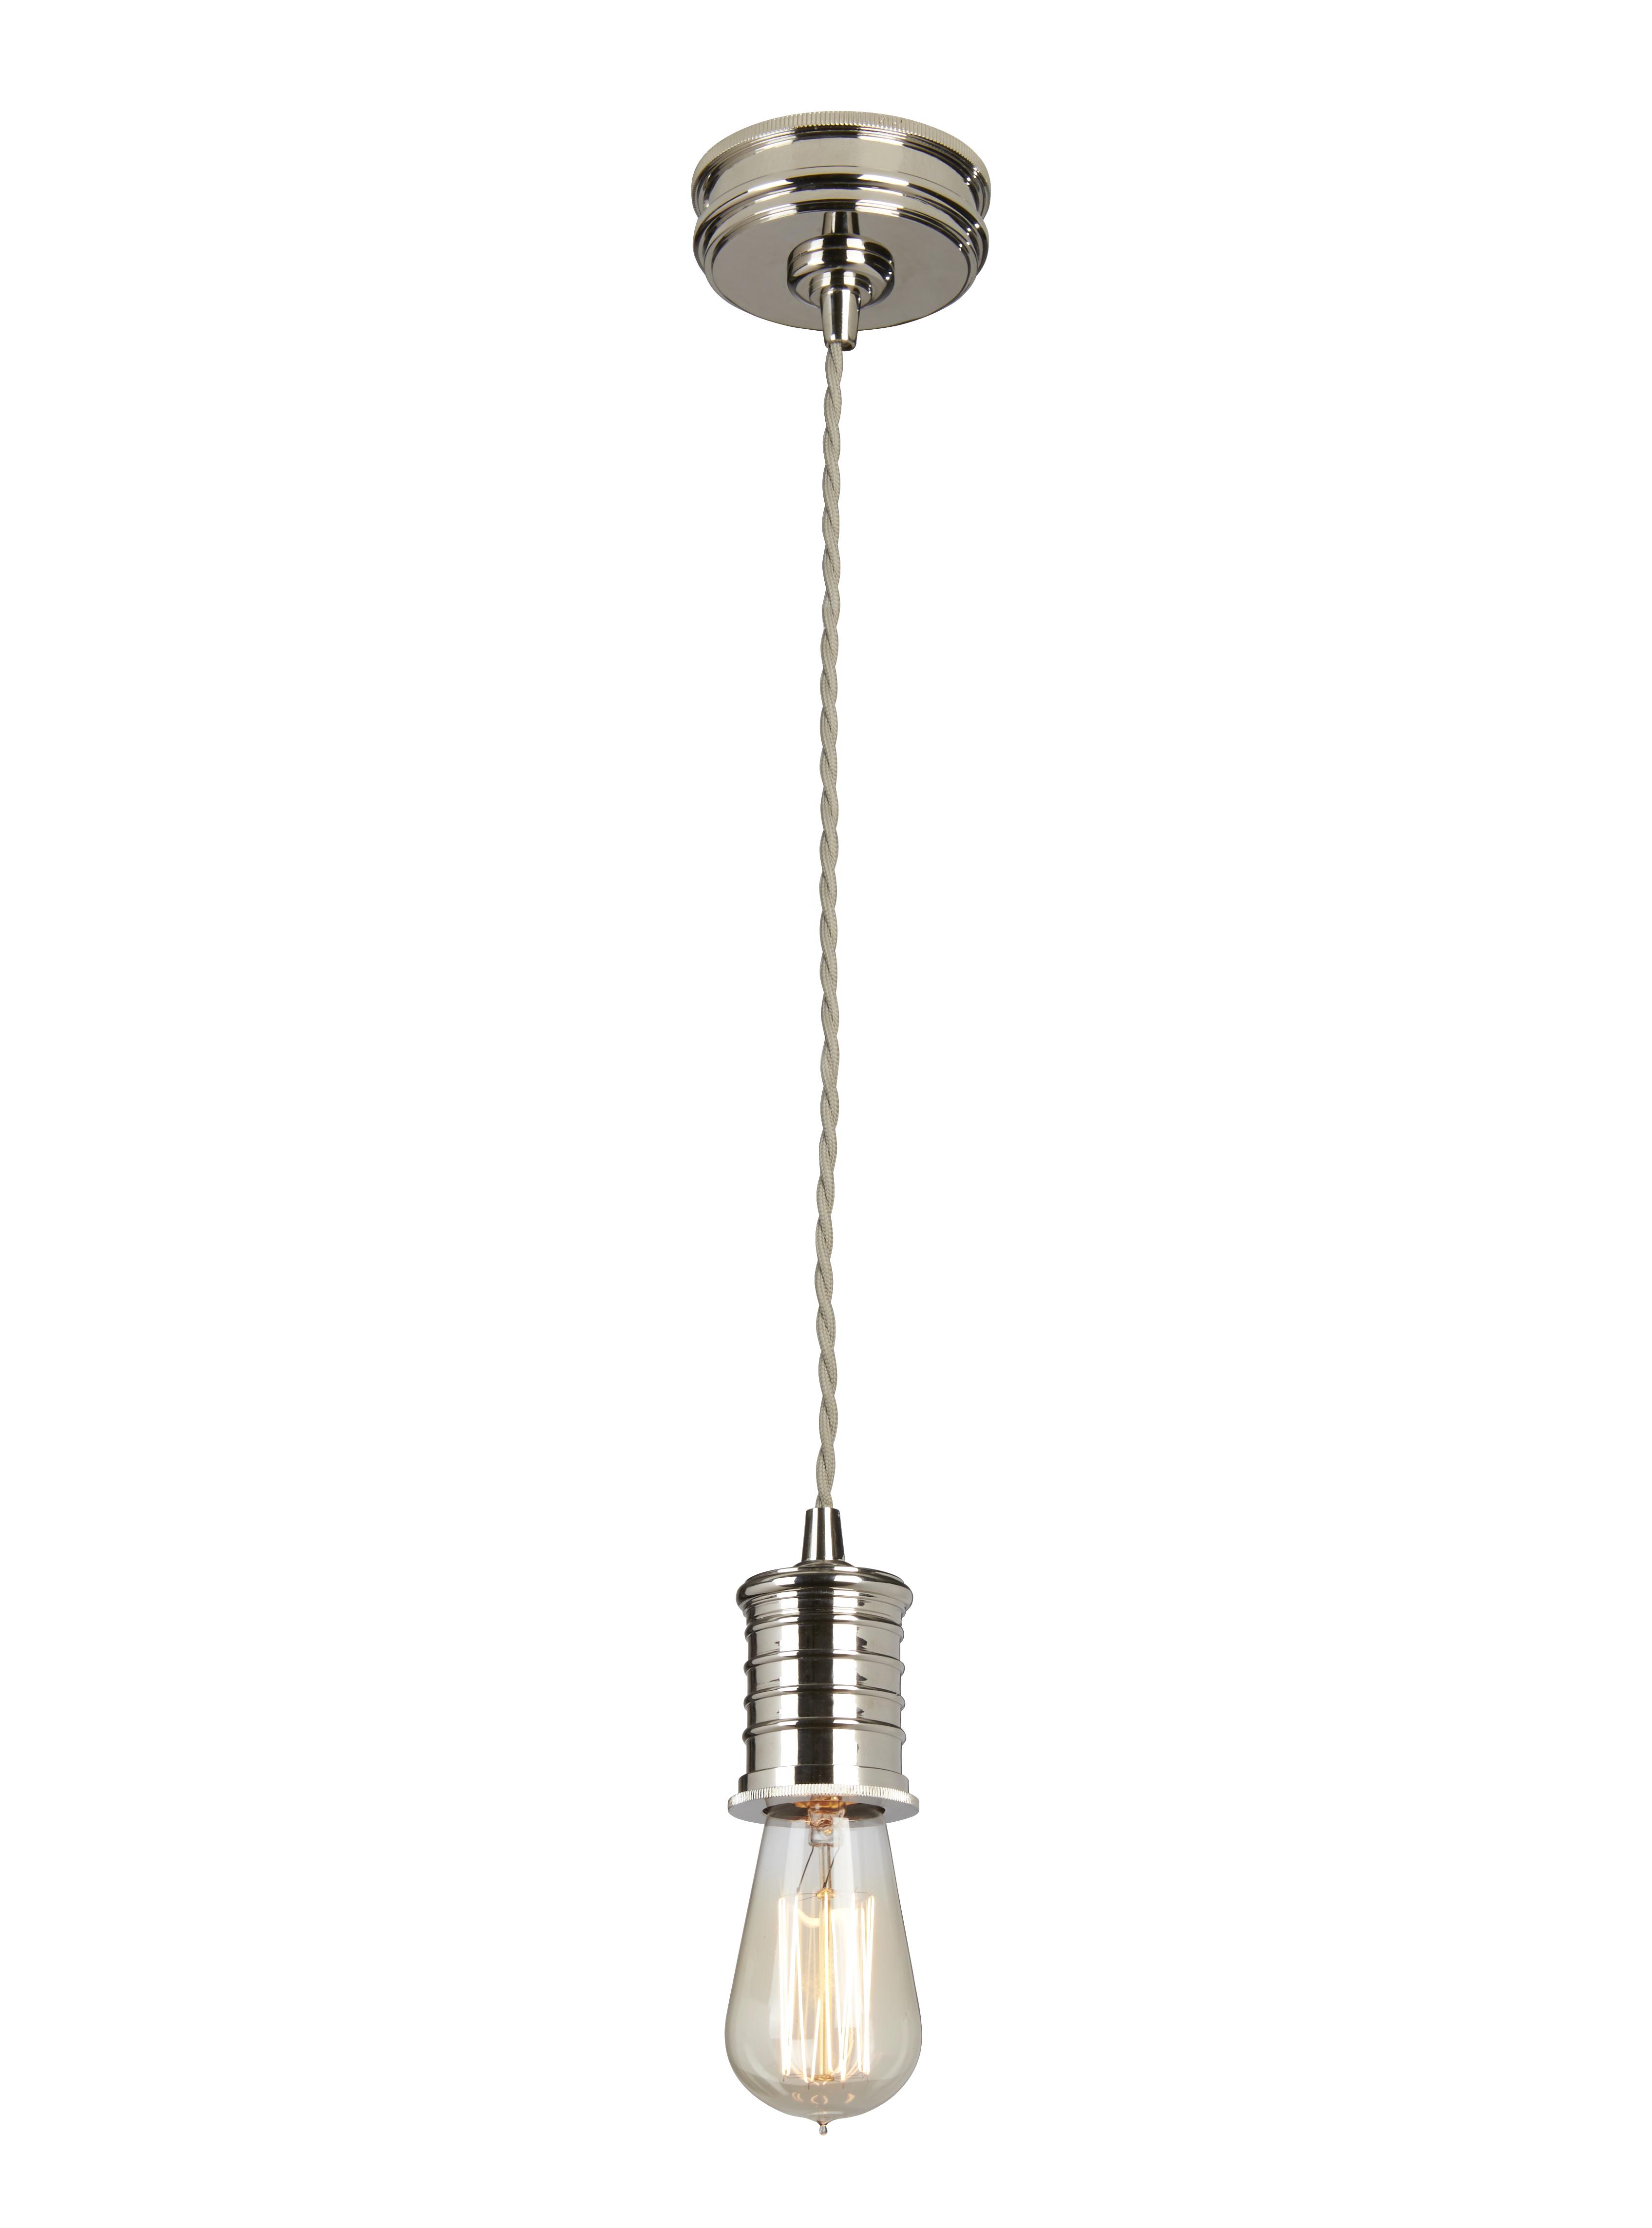 Купить Подвесной светильник Elstead Interior полированный никель, inmyroom, Китай